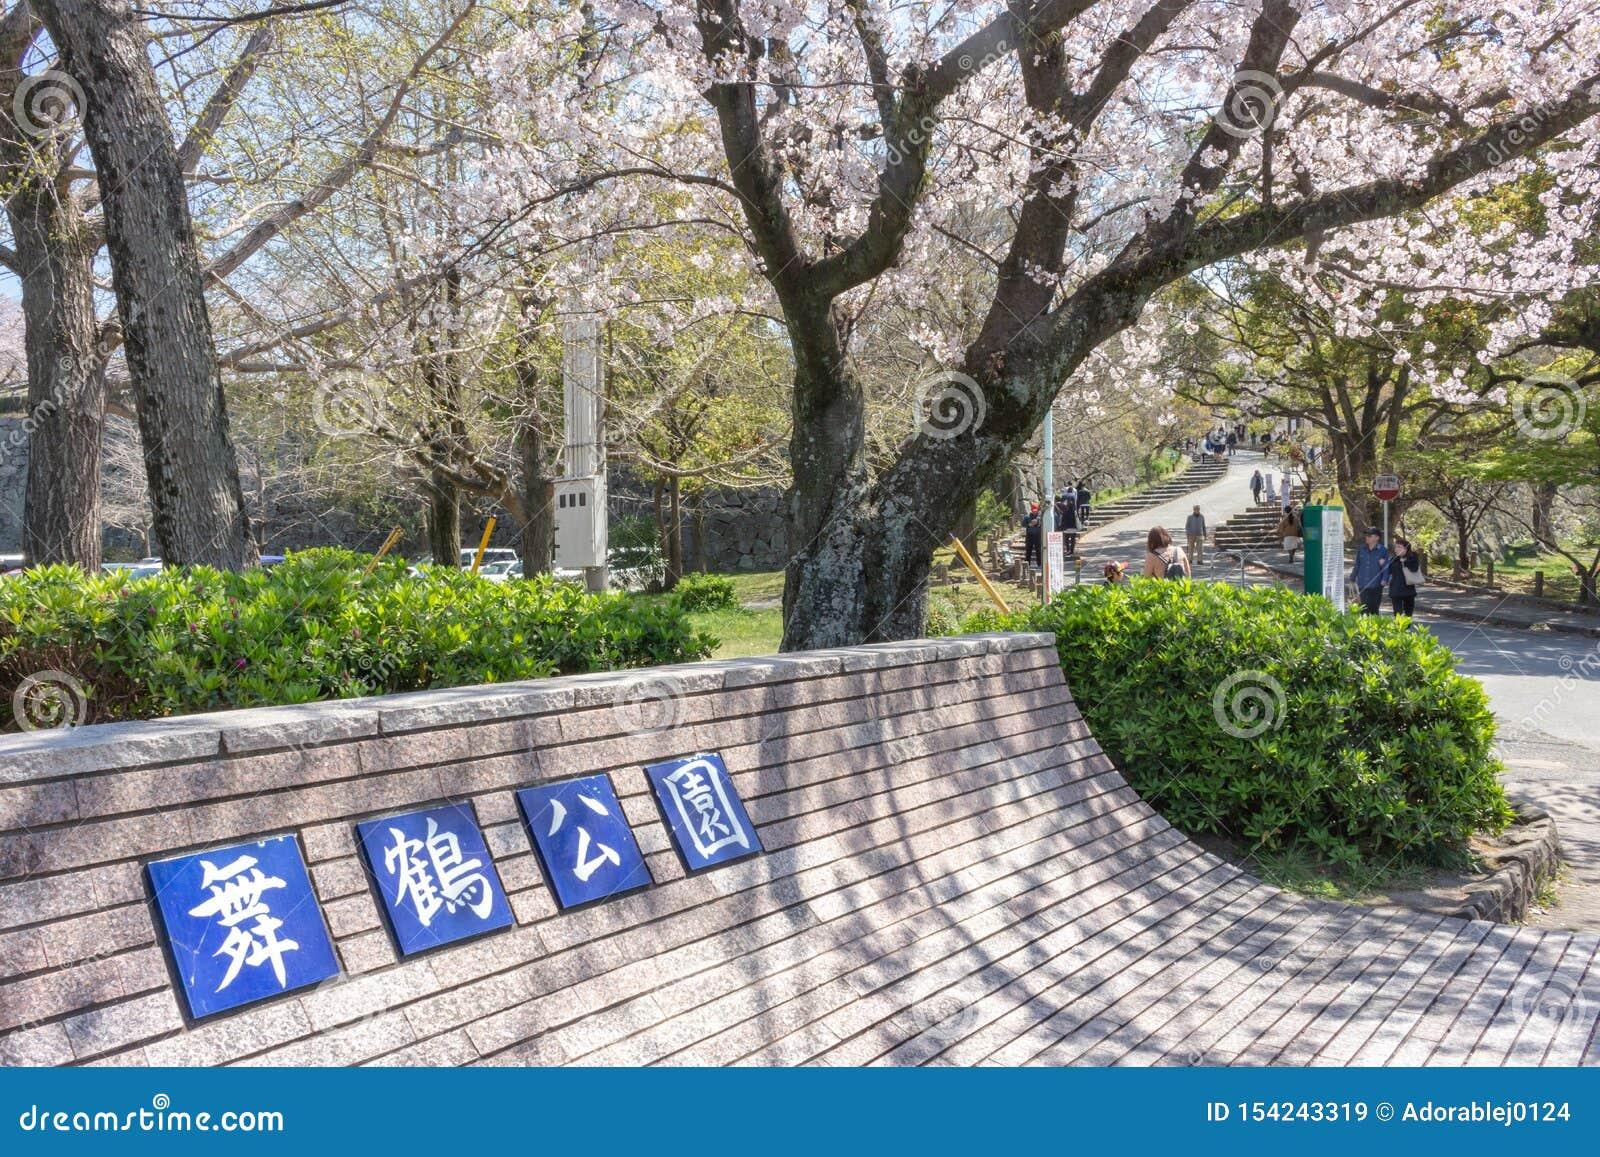 De ingangsteken van het Maizurupark in Fukuoka Dit park wordt gebouwd rond het kasteelruïnes van Fukuoka